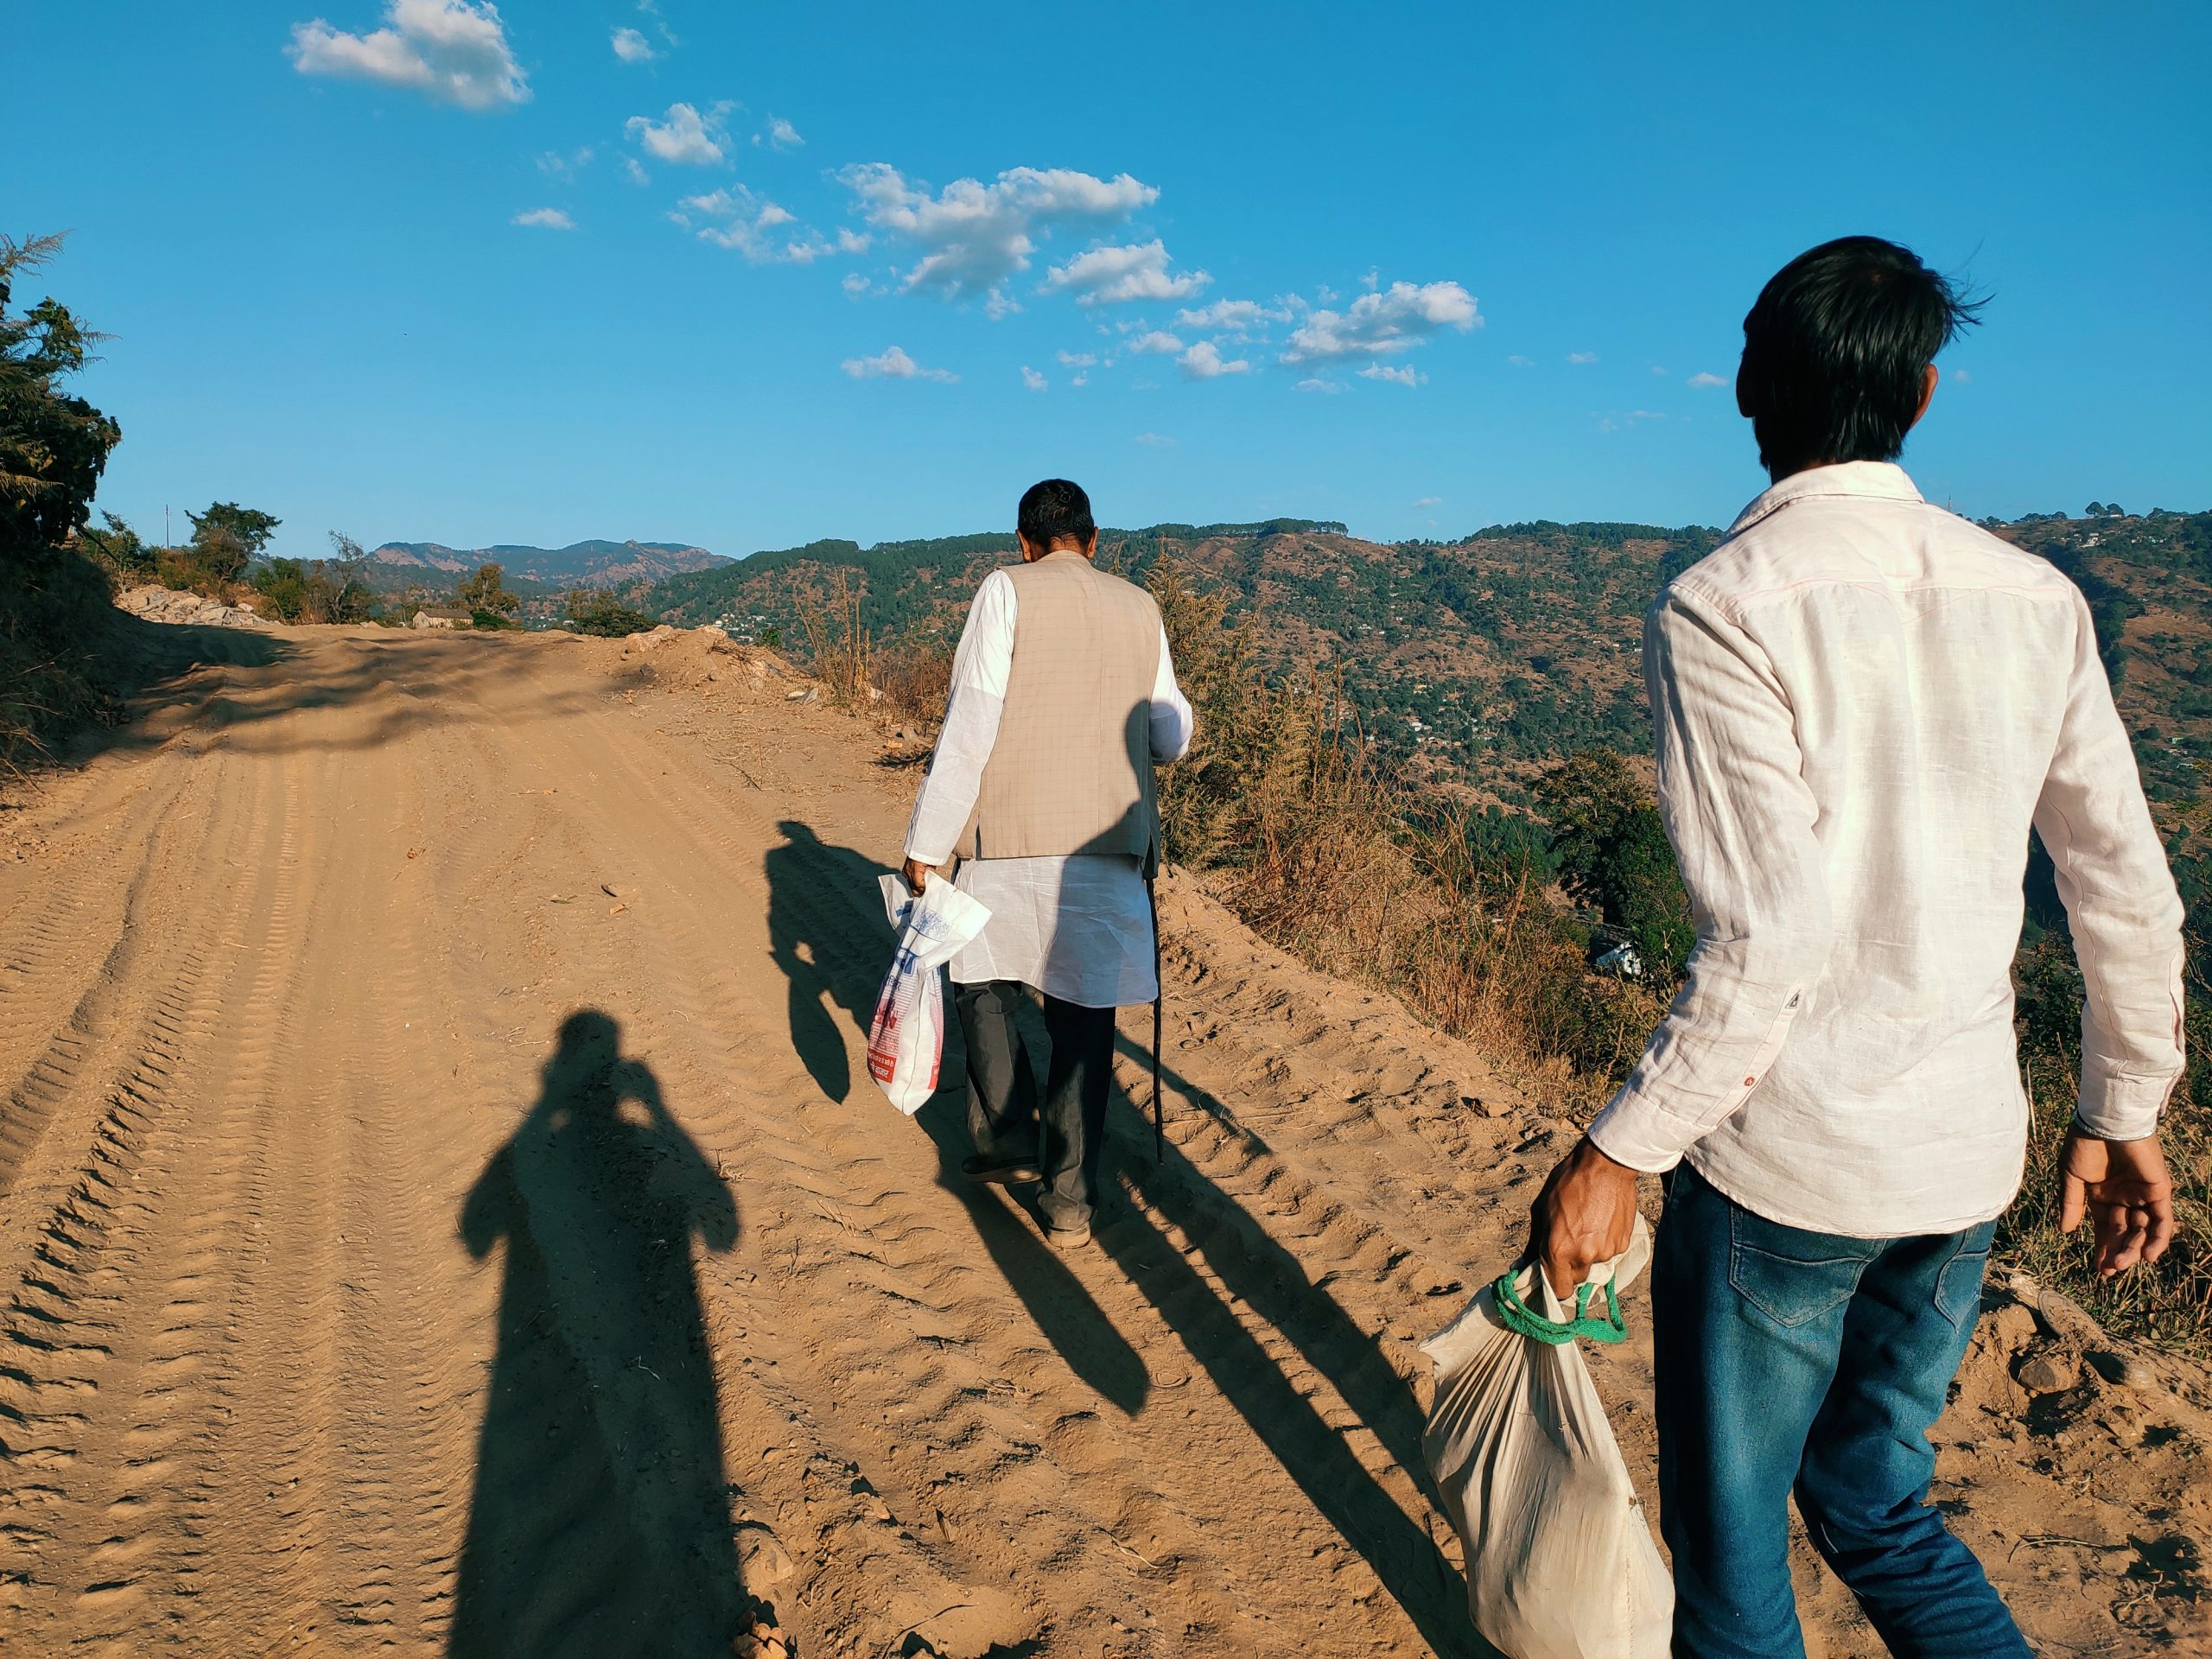 A village men walking on dirt road